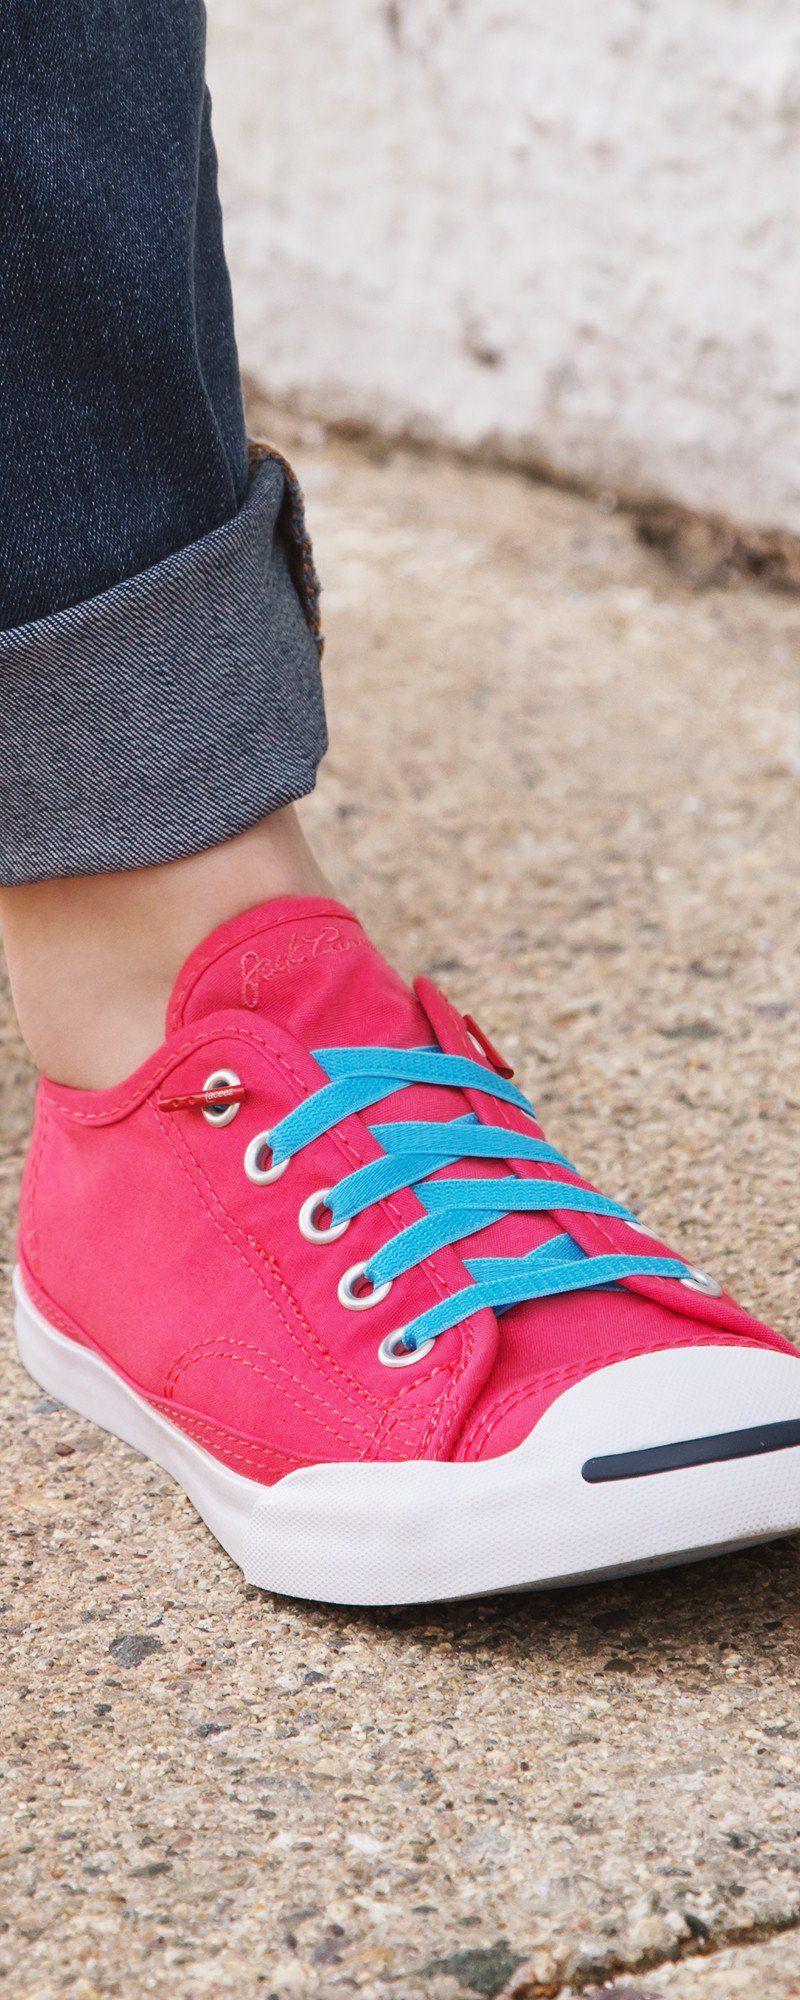 Shoe laces, Tie shoelaces, Tie shoes